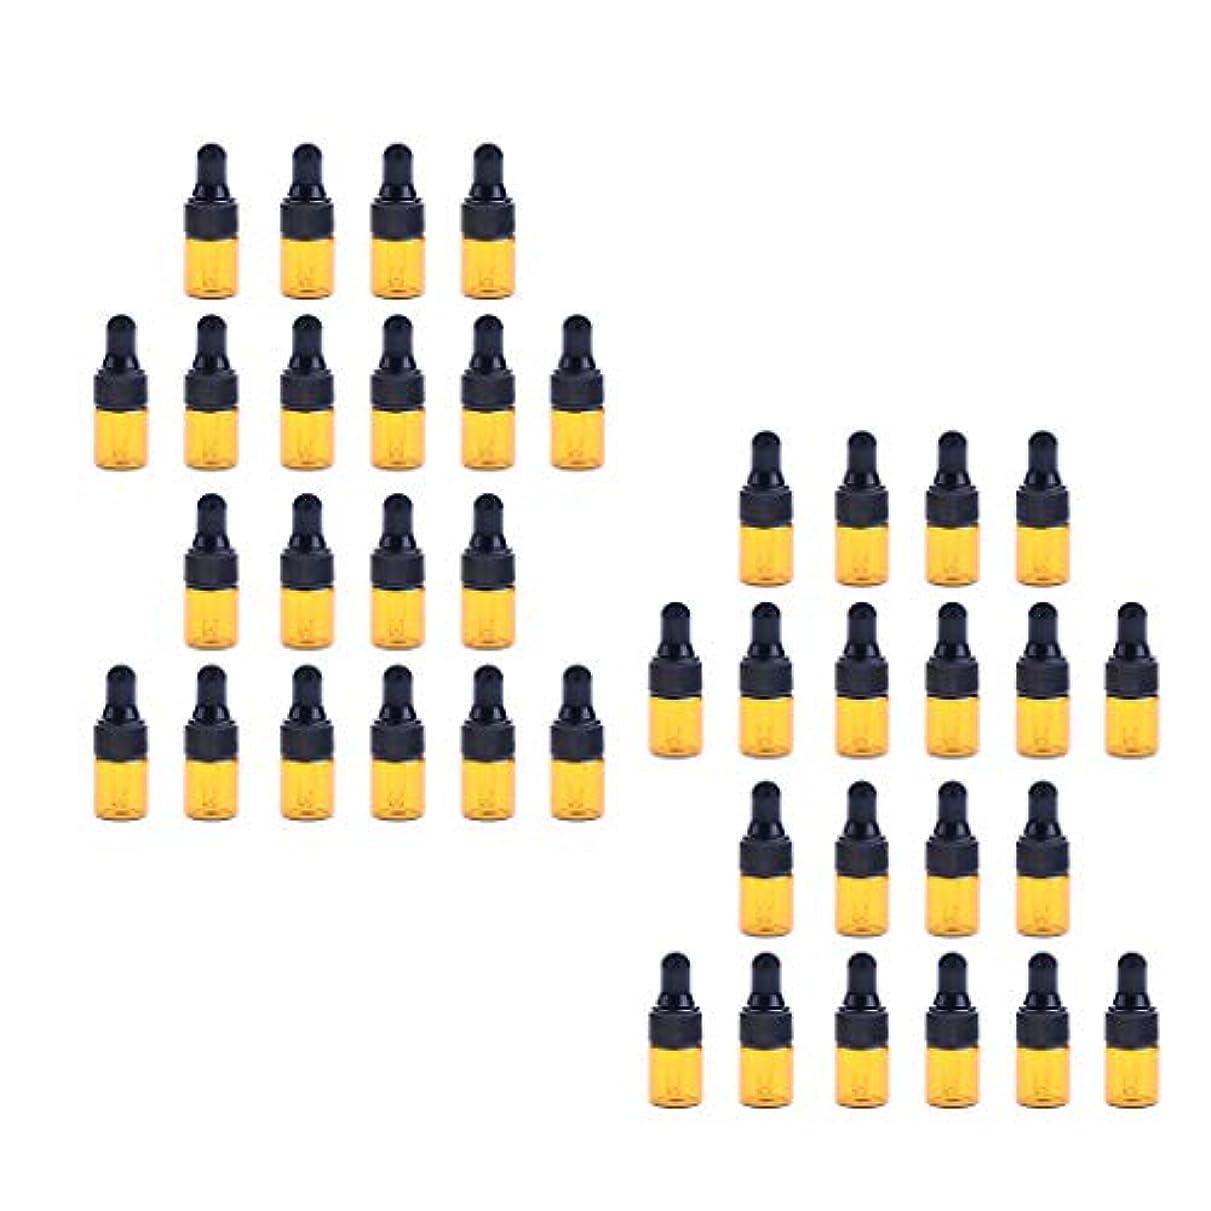 束ねる集計明示的にchiwanji 40個入 ドロッパーボトル ガラス瓶 エッセンシャルオイル 精油 保存容器 詰め替え 小型 1ml /2ml